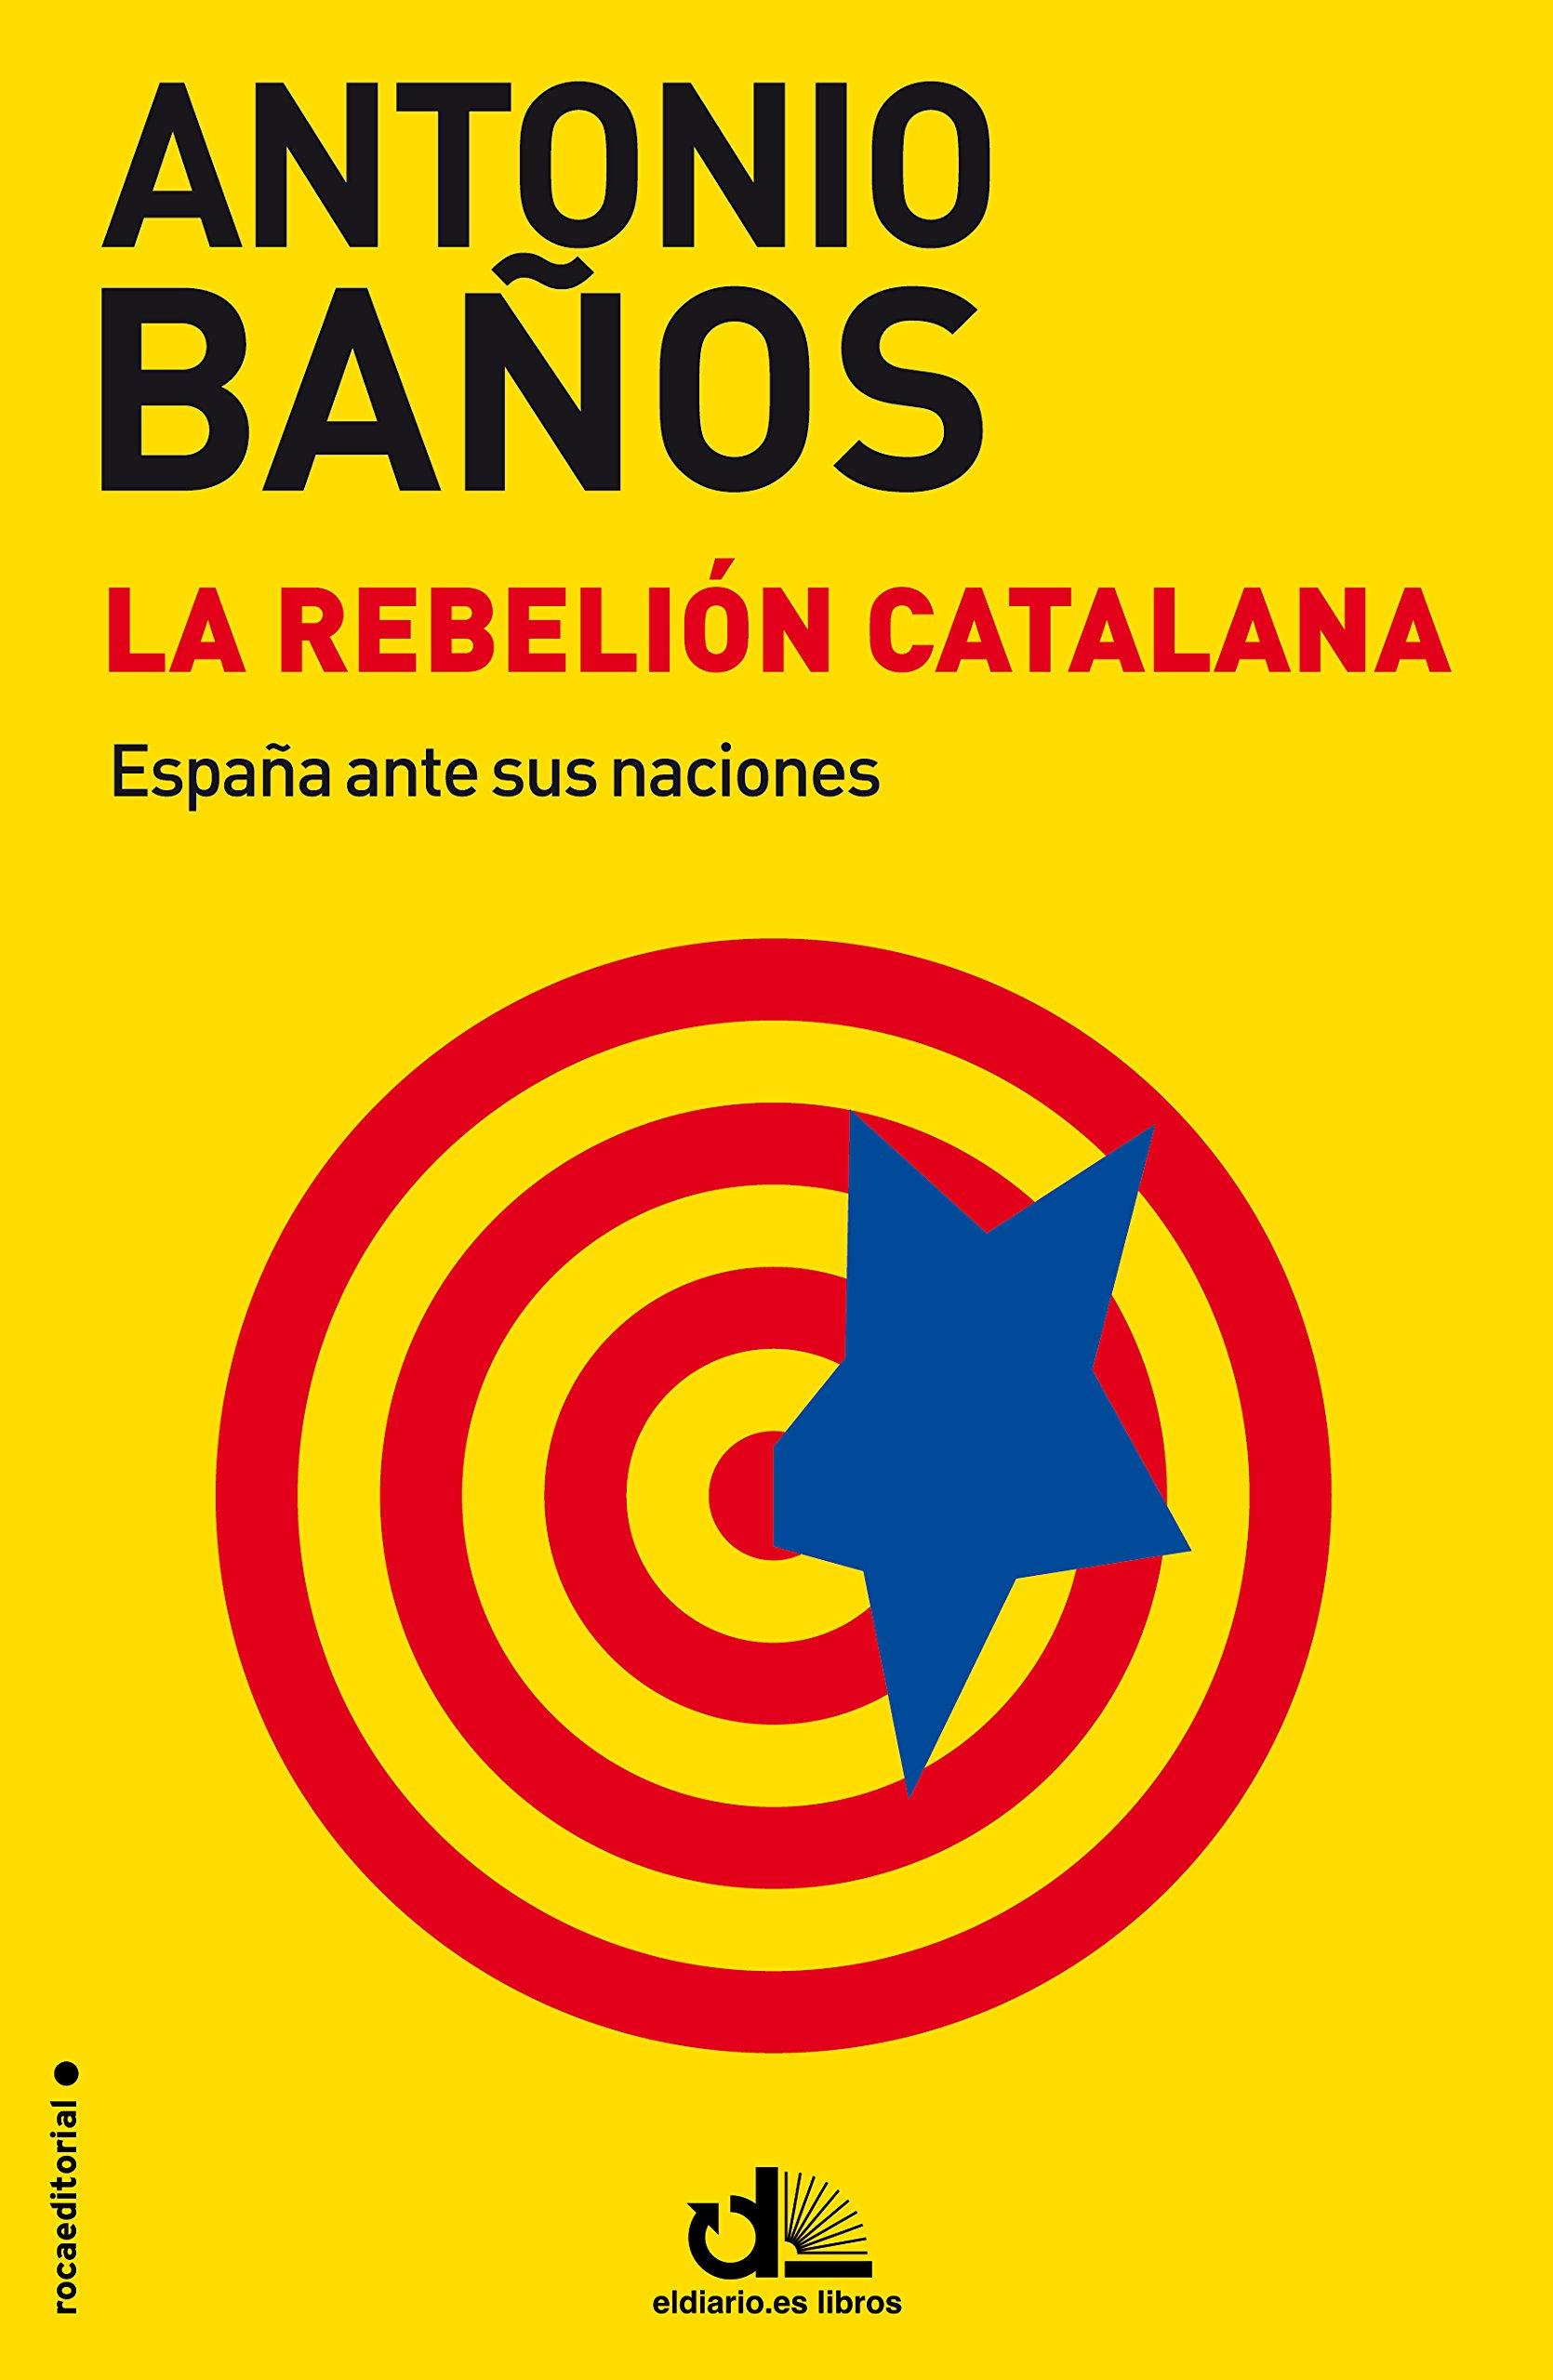 La rebelión catalana (eldiario.es Libros): Amazon.es: Baños, Antonio, Baños, Antonio: Libros